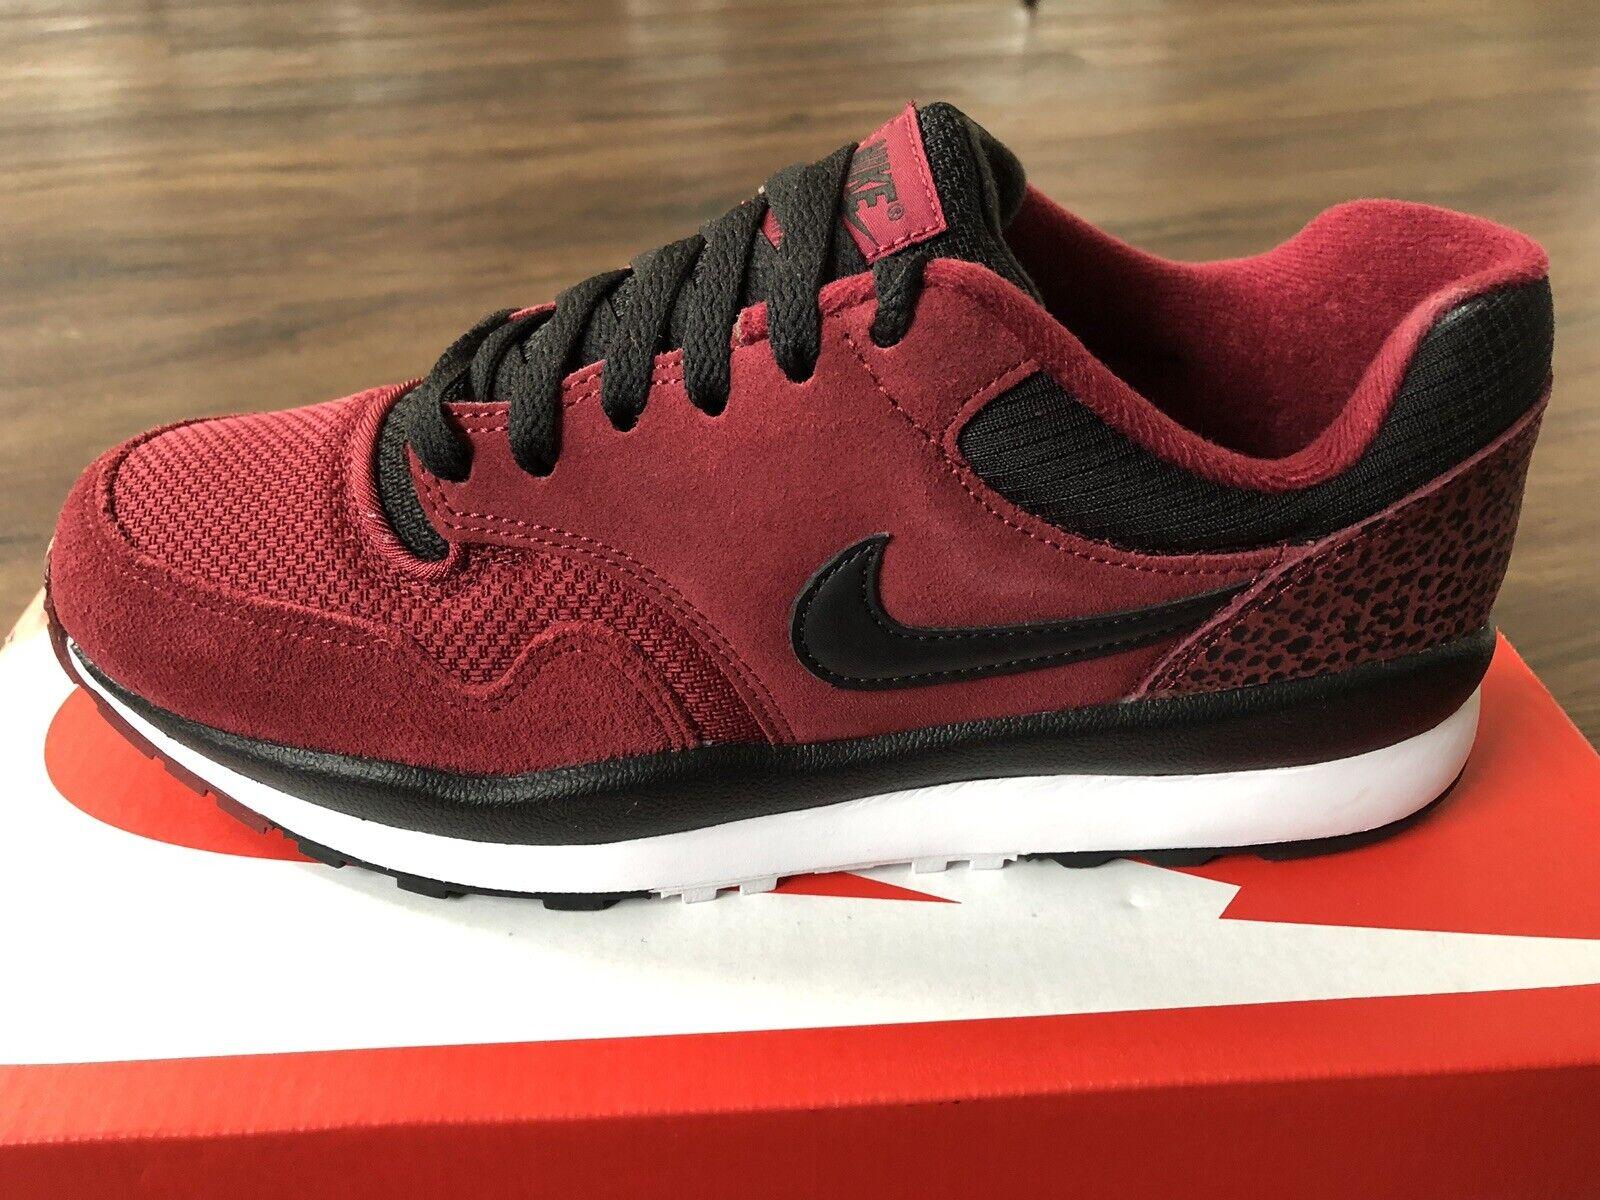 Nike Air Safari Men's Trainers, rot - Größe 7.5